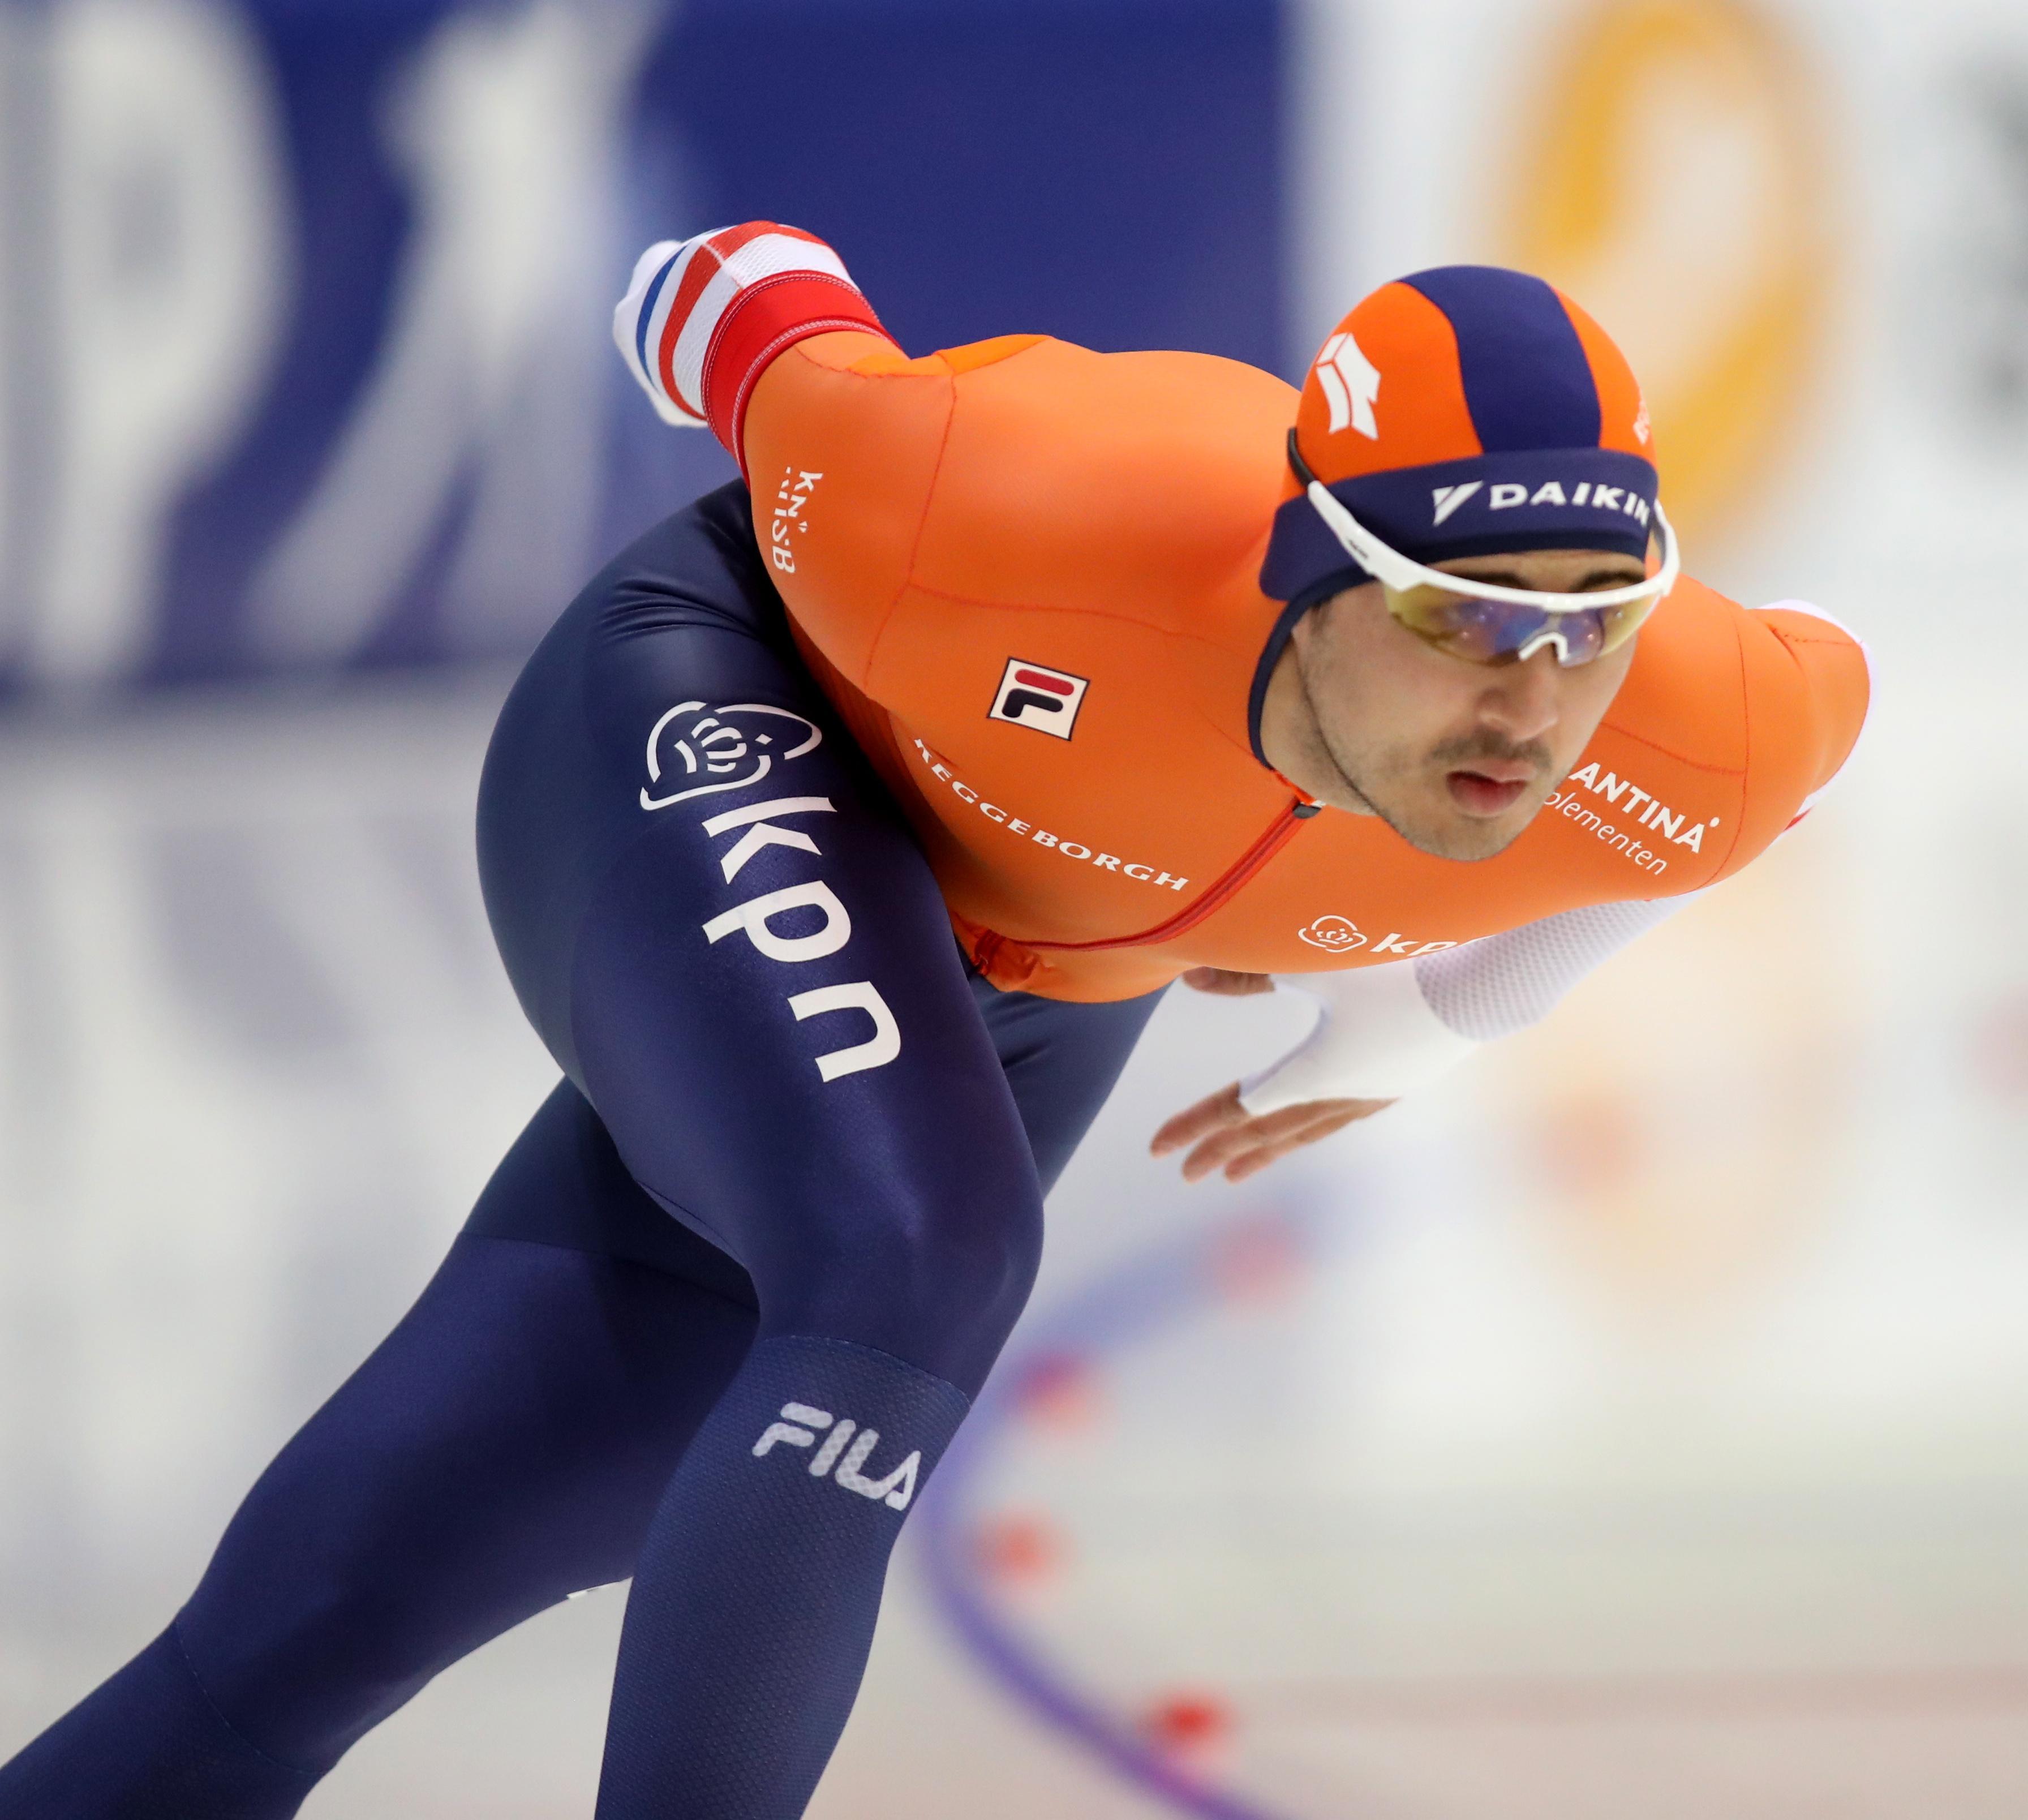 Zilver op 1000 meter voor schaatser Kai Verbij uit Hoogmade: 'Had harder gekund'